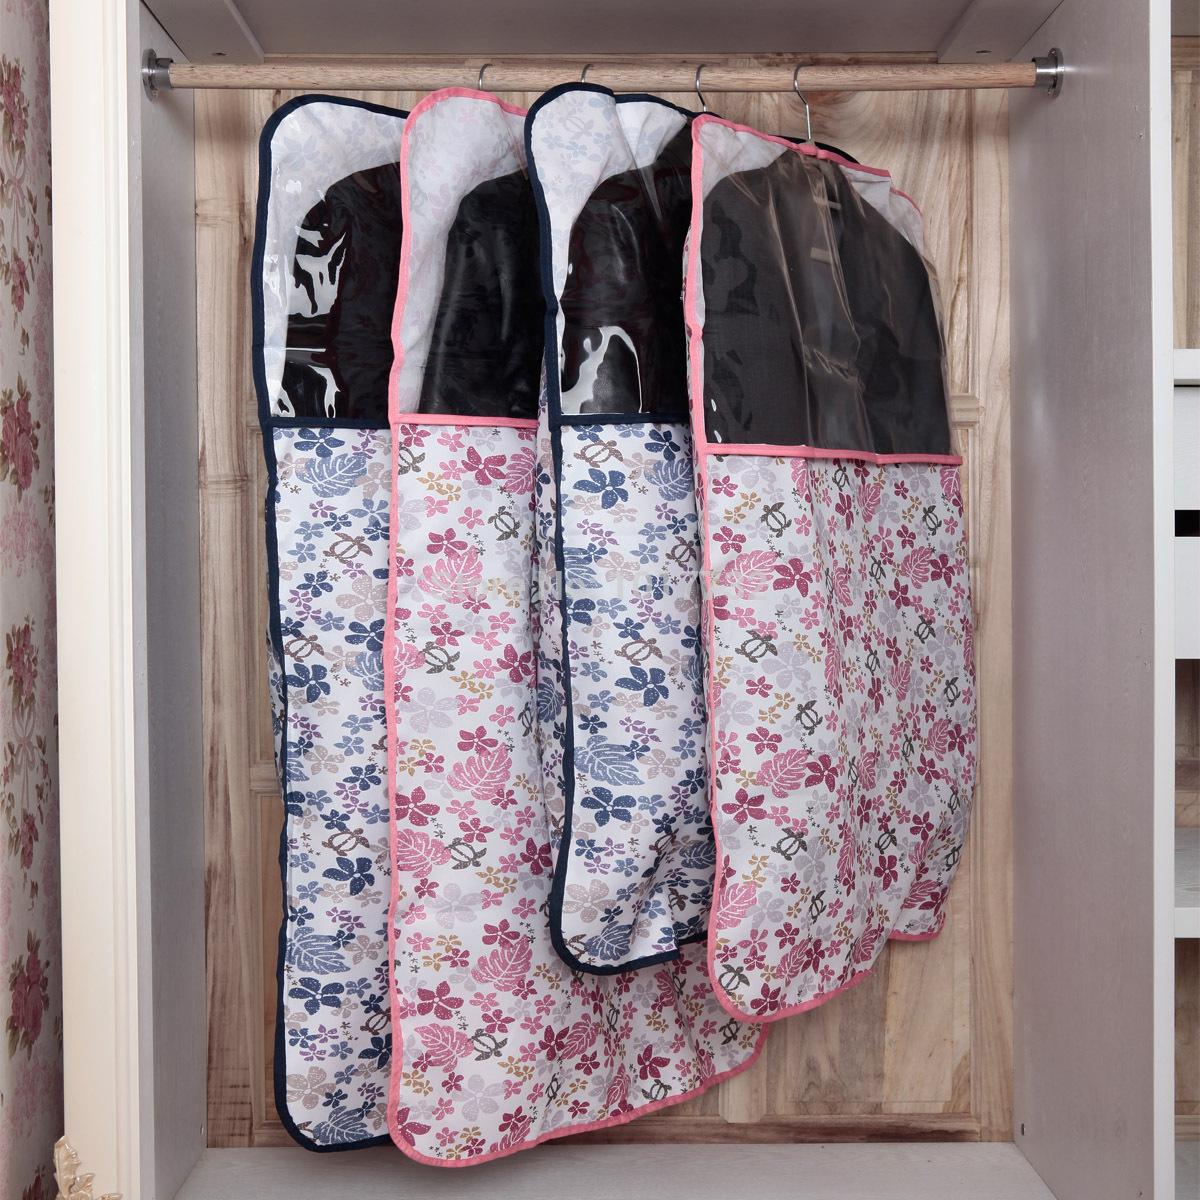 como organizar casacos de inverno